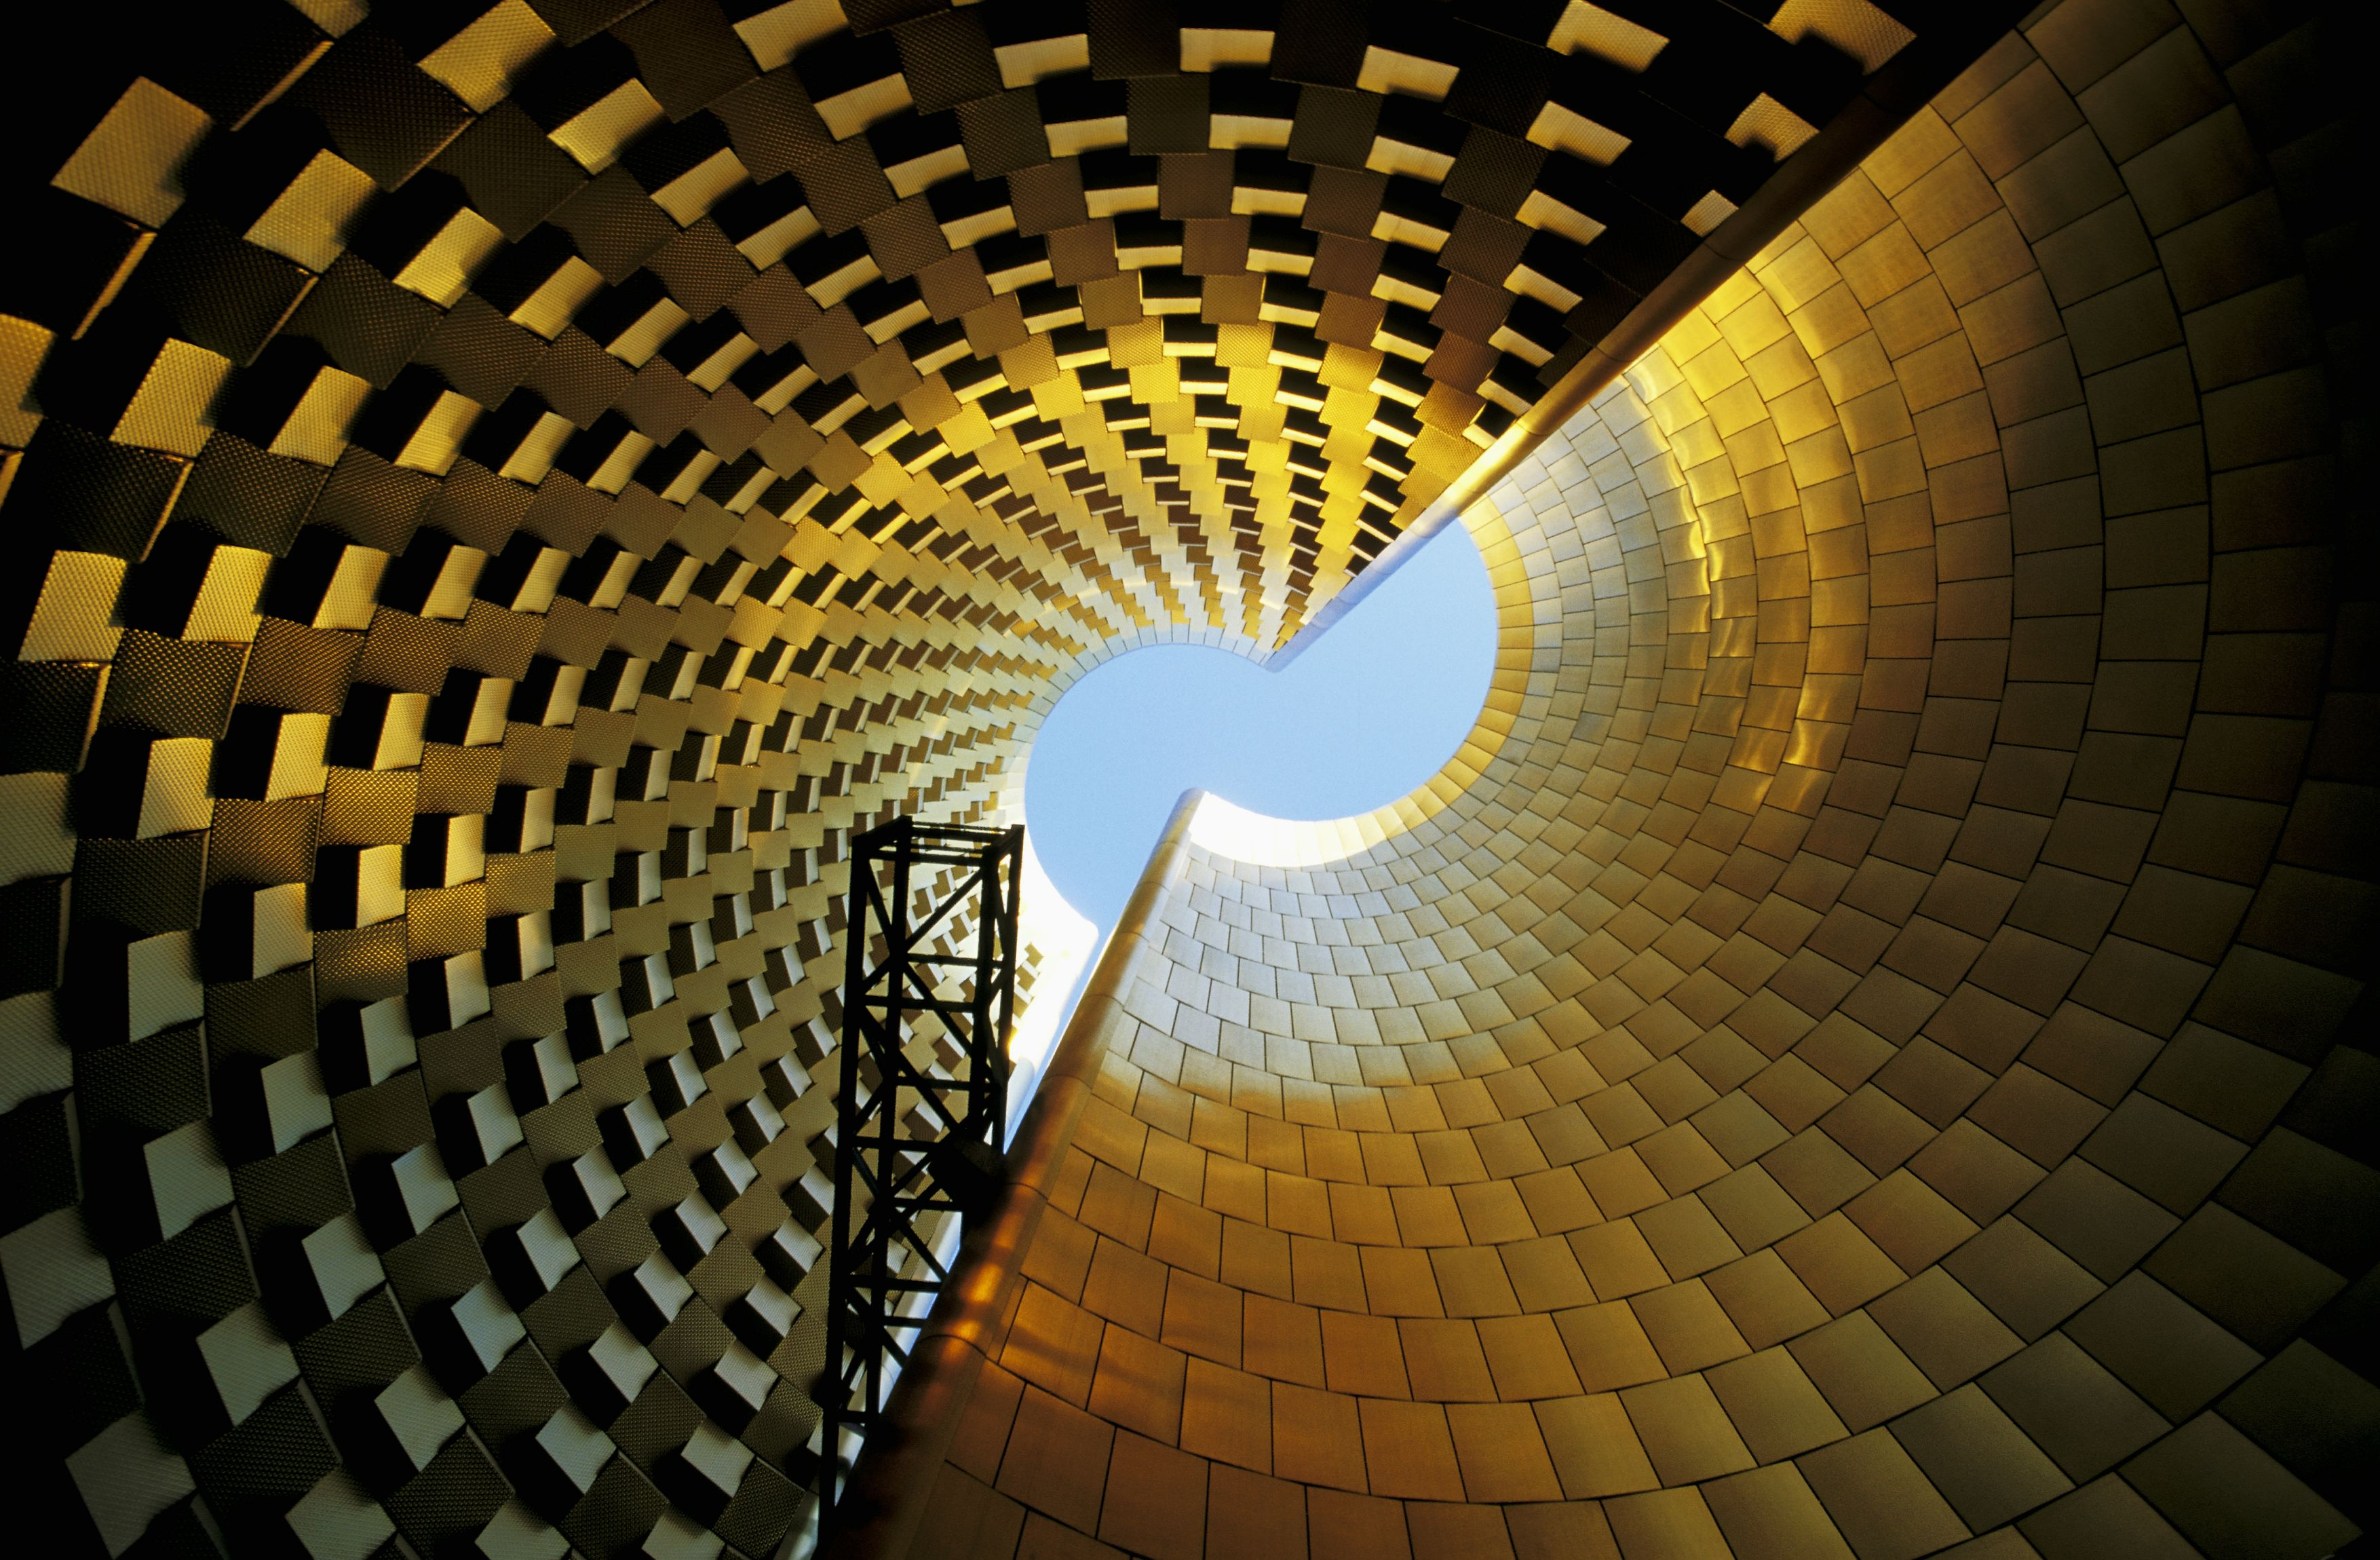 恒立液压(601100.SH)崛起:大国重器背后的核心竞争力